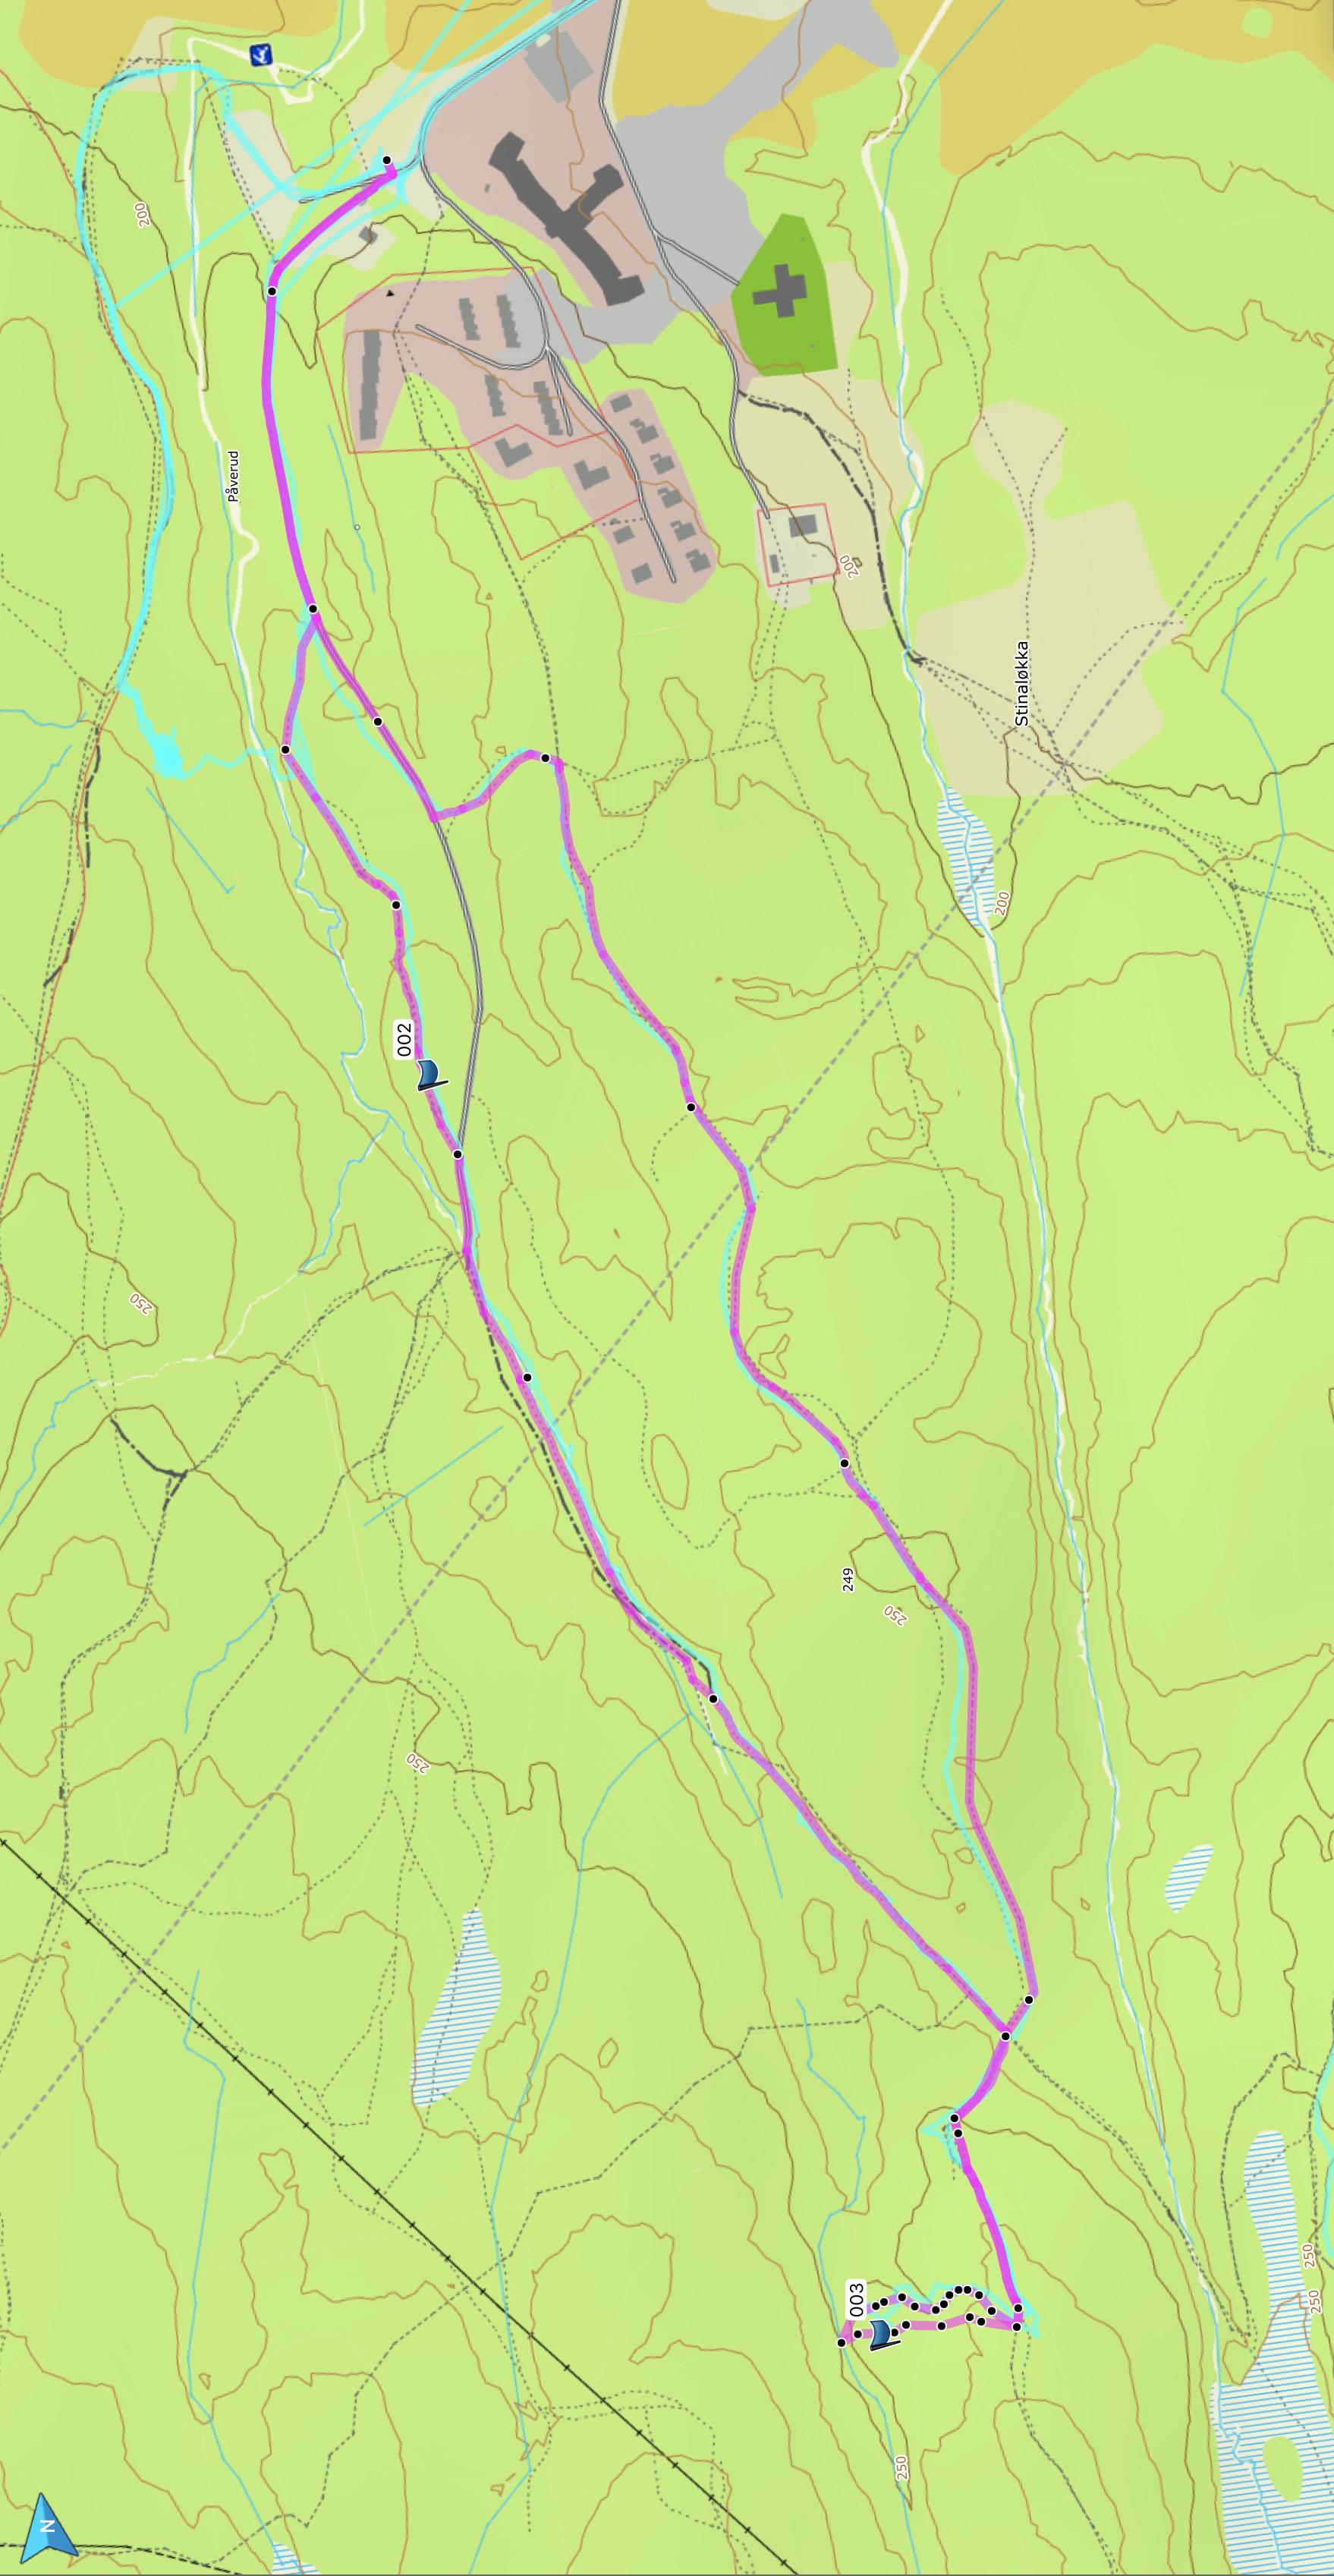 Turen er ca 4 km tur-retur. Vi brukte 4 timer med masse kos og pauser. Fint mulig å gjøre den kortere.